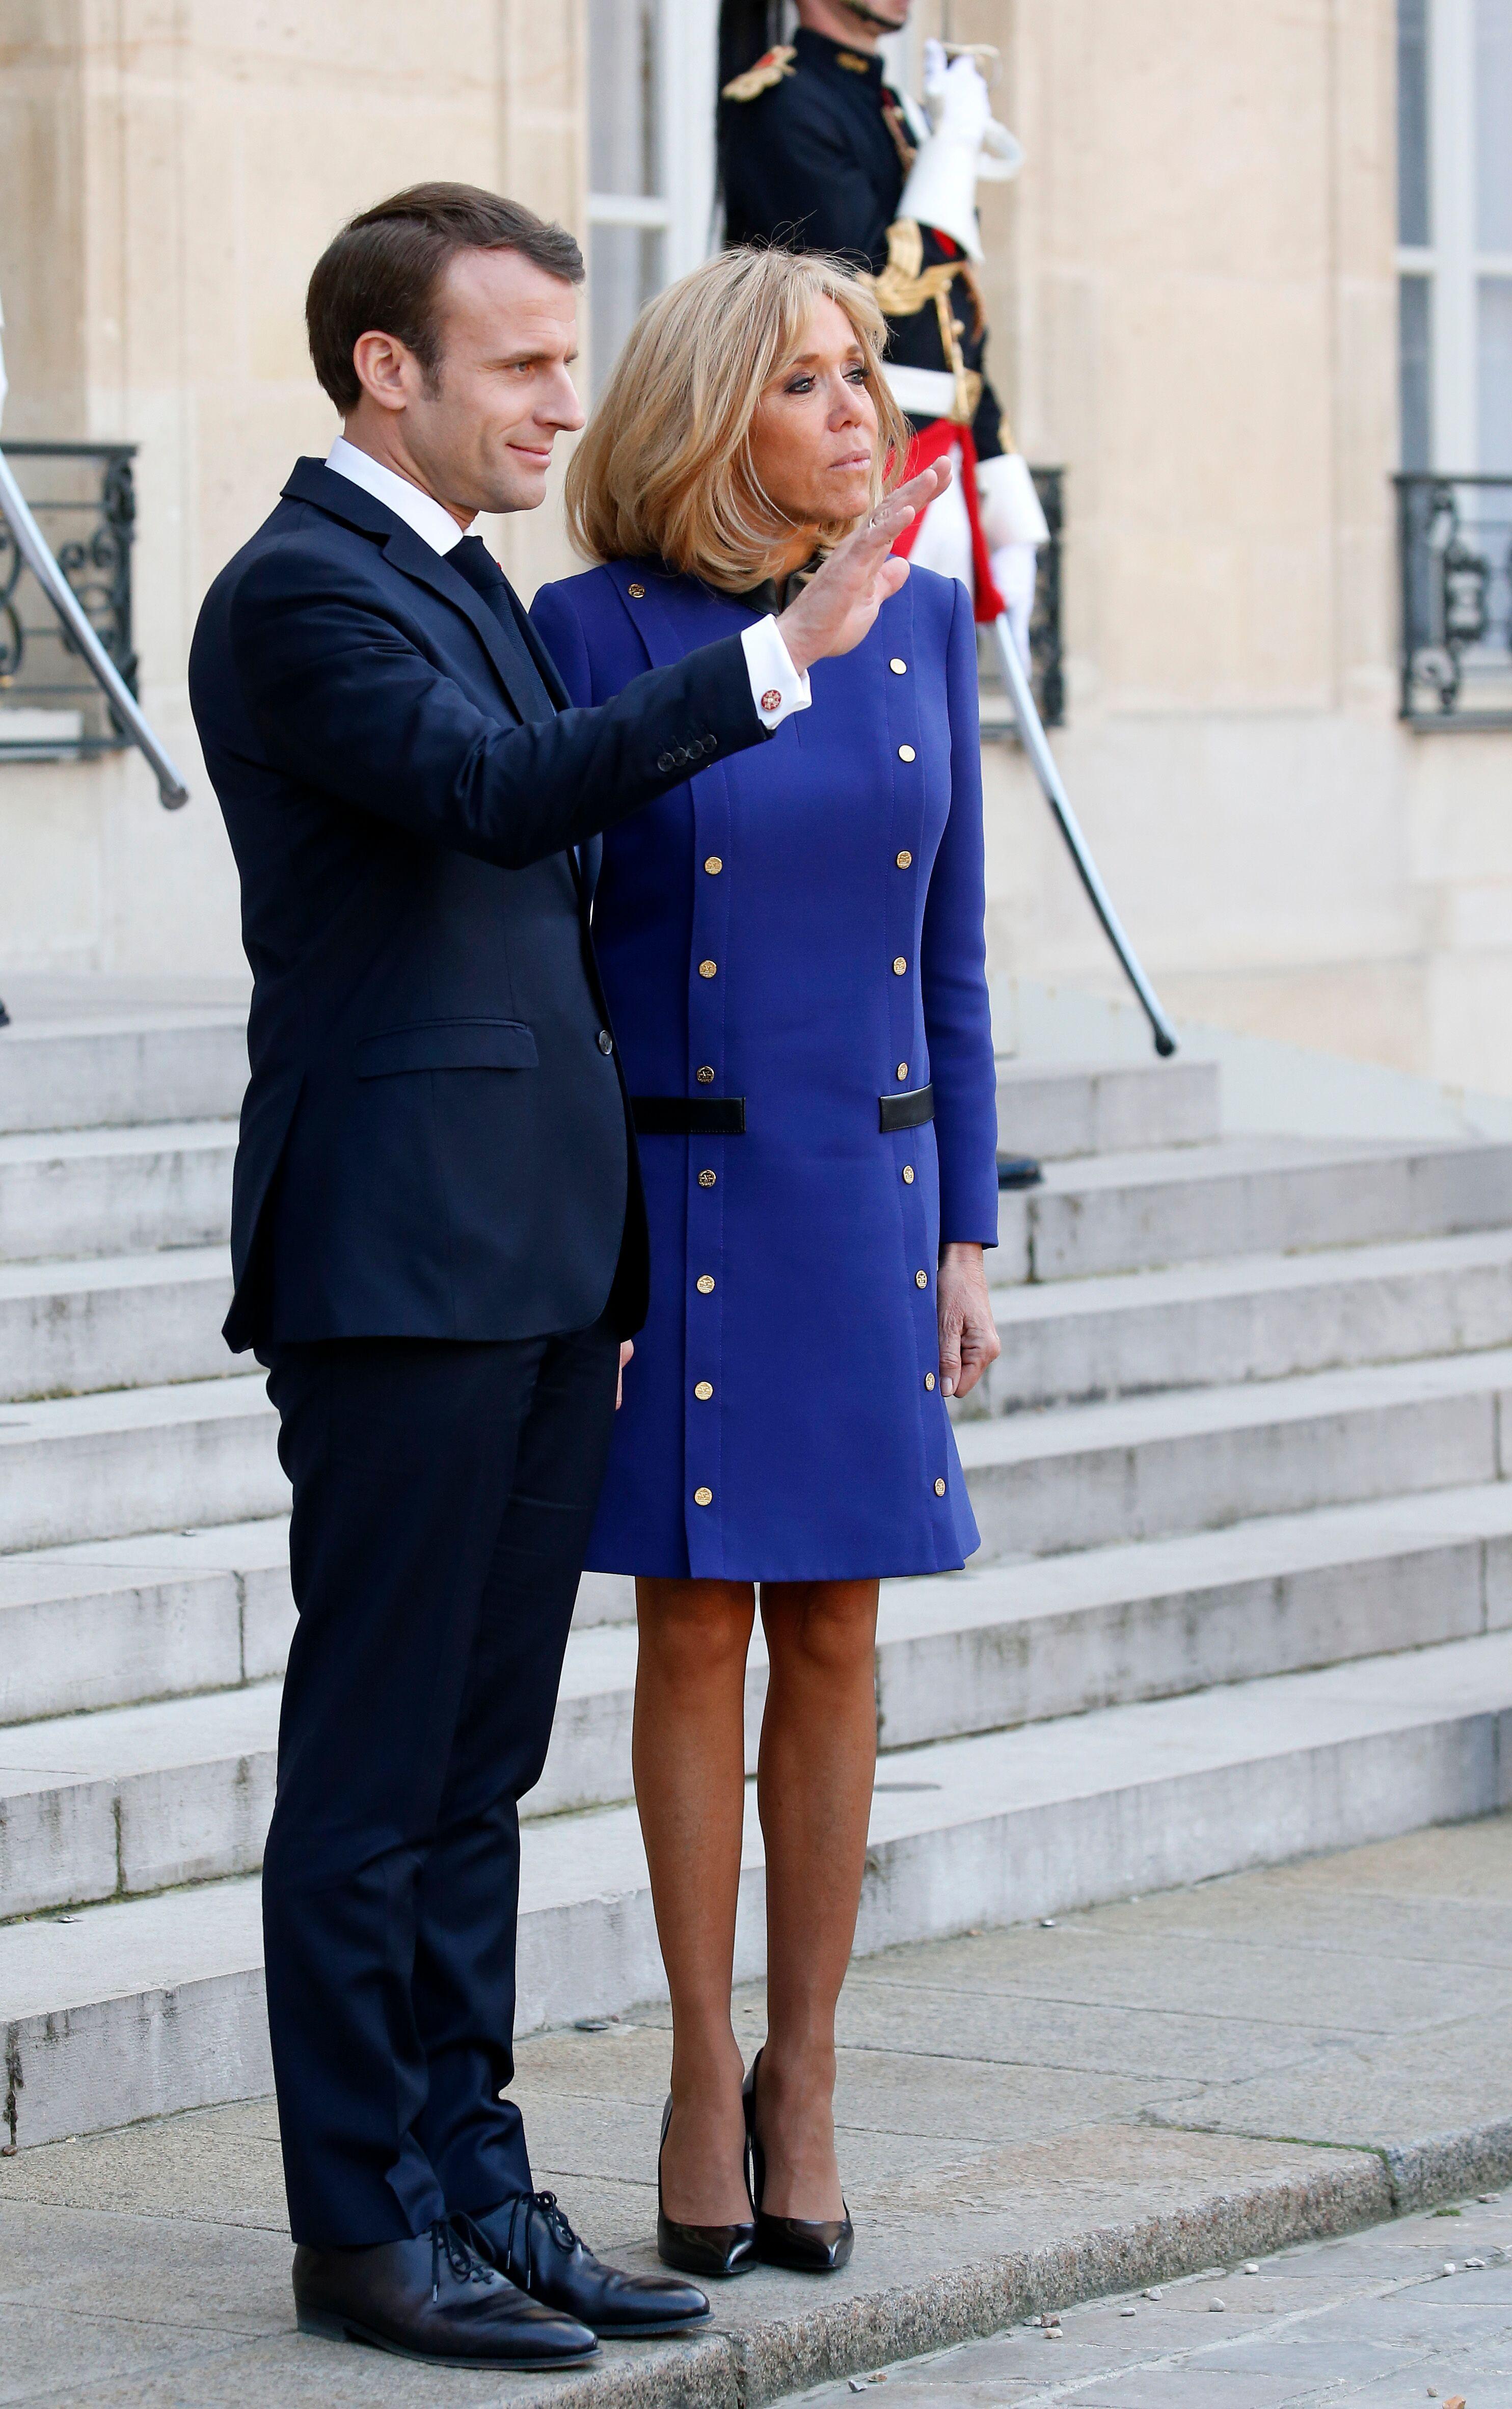 Emmanuel et Brigitte Macron sur les marches de l'Élysée. l Source: Getty Images